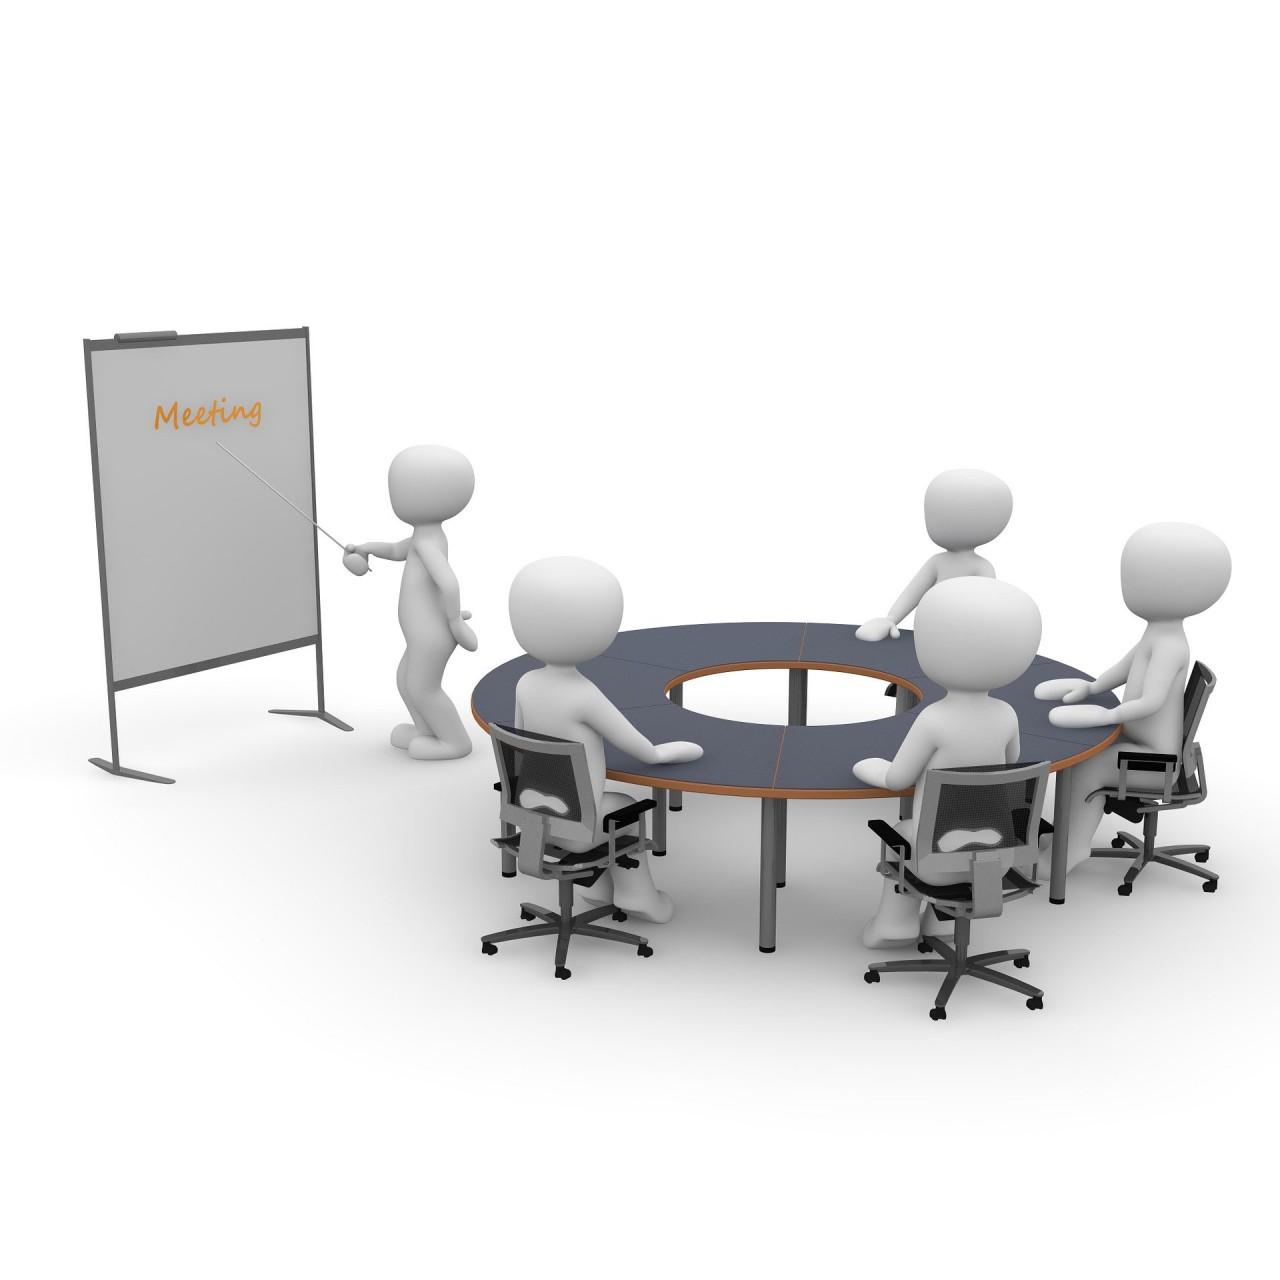 Konferenz2-meeting-1015616_1920-verwendet